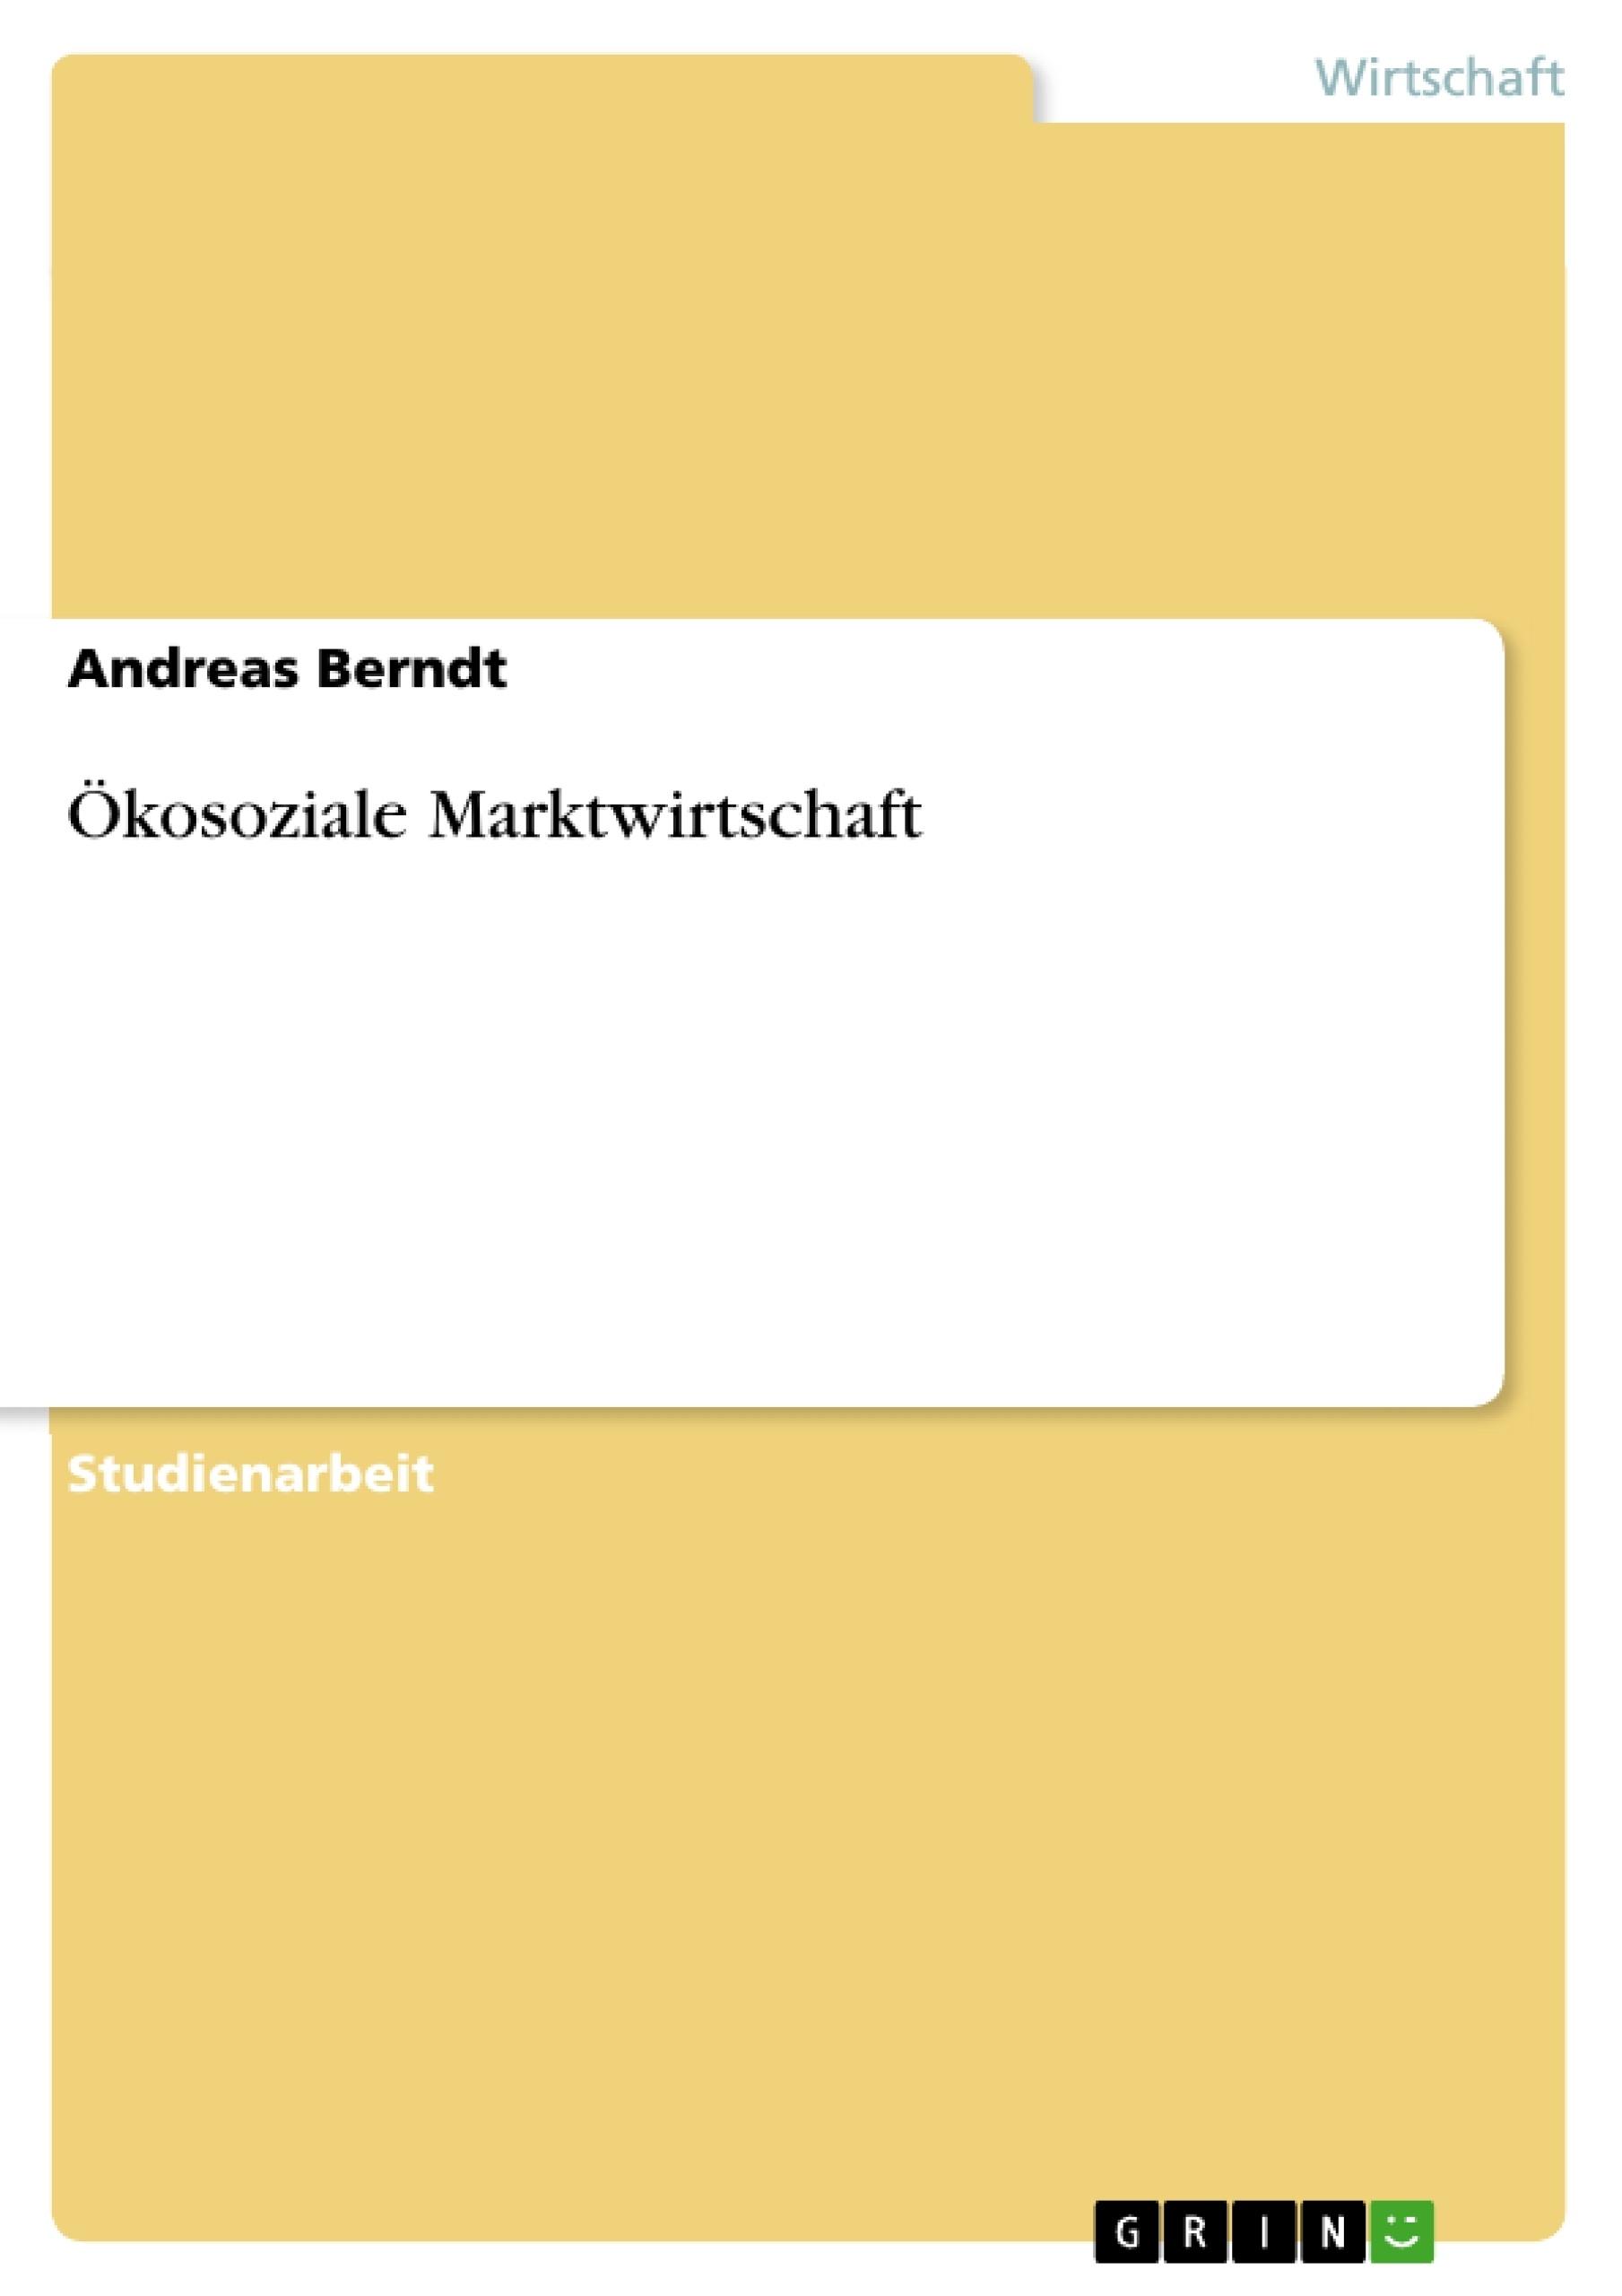 Titel: Ökosoziale Marktwirtschaft